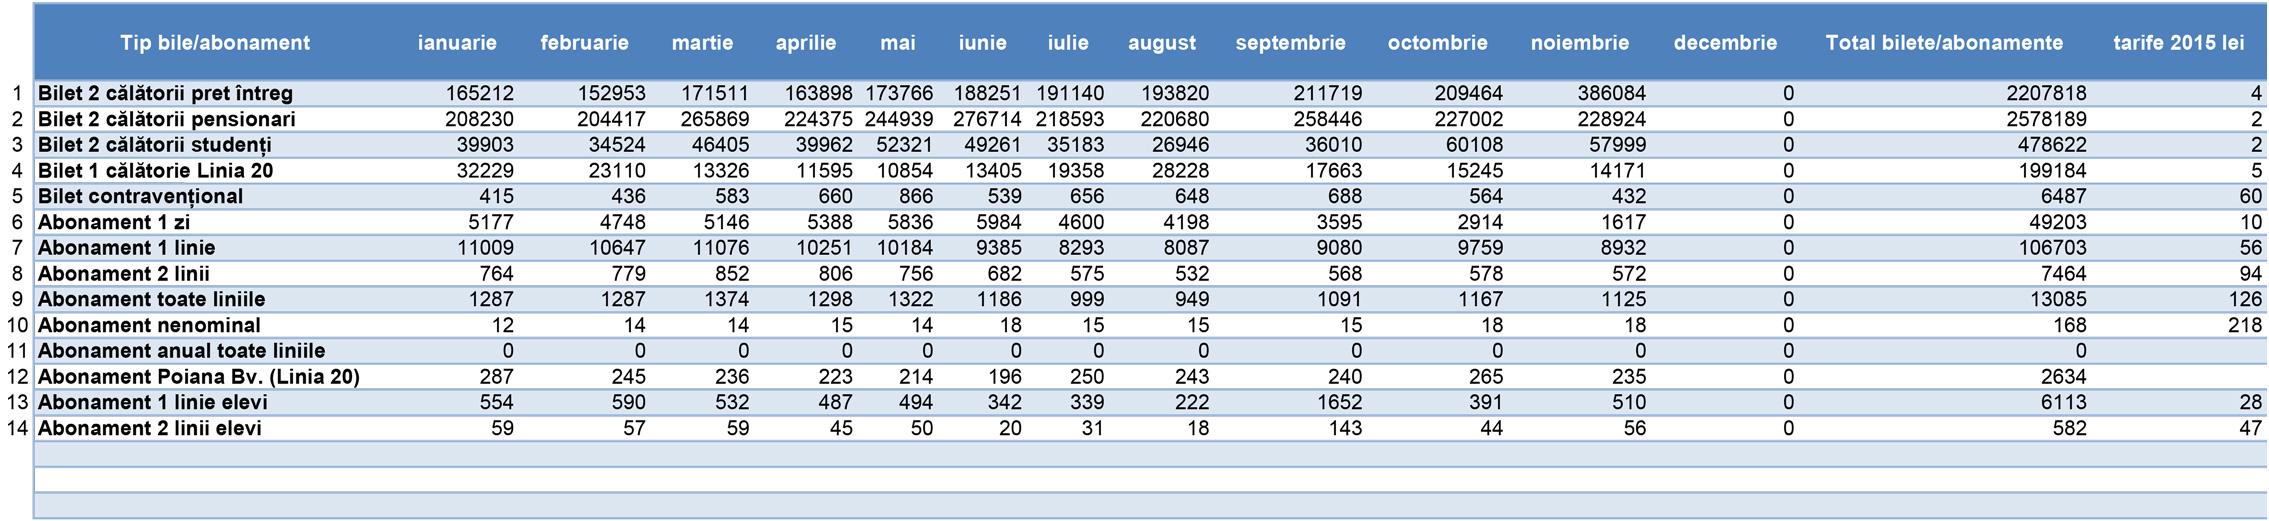 date-bilete-si-abonamente-2015-ratbv-1